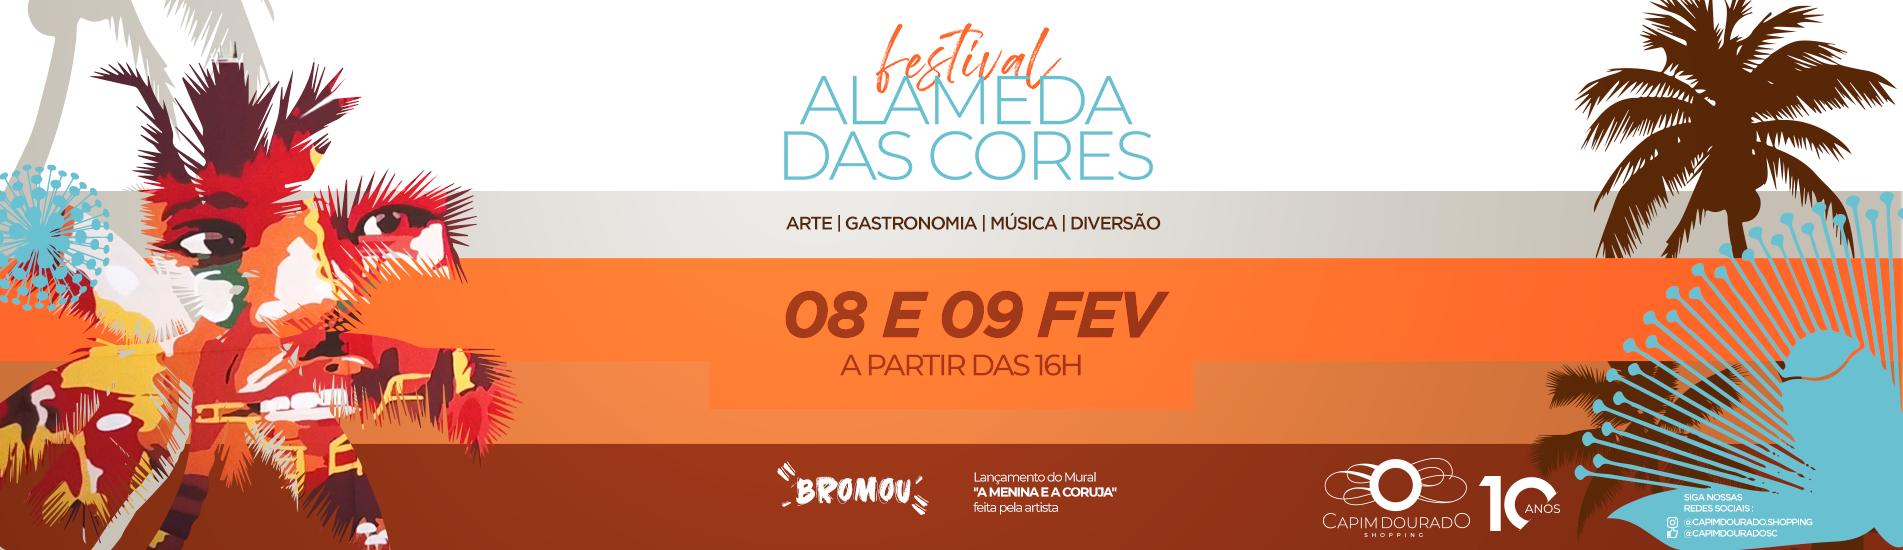 Festival Alameda das Cores